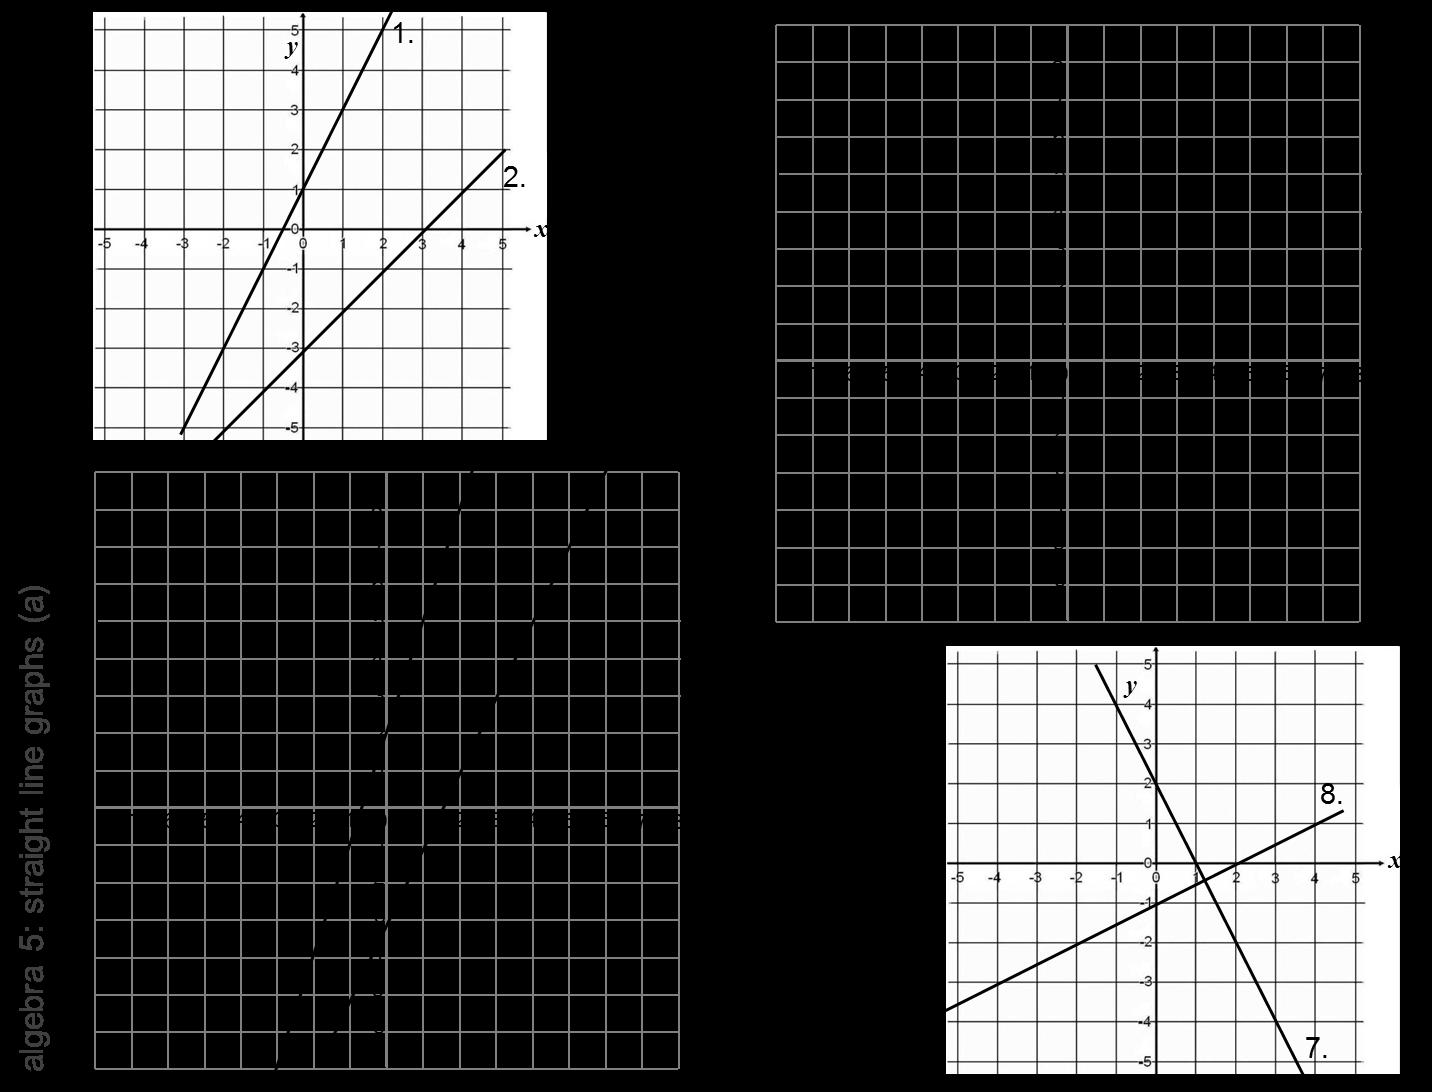 MEDIAN practice and quiz questions: algebra grade C (ii)